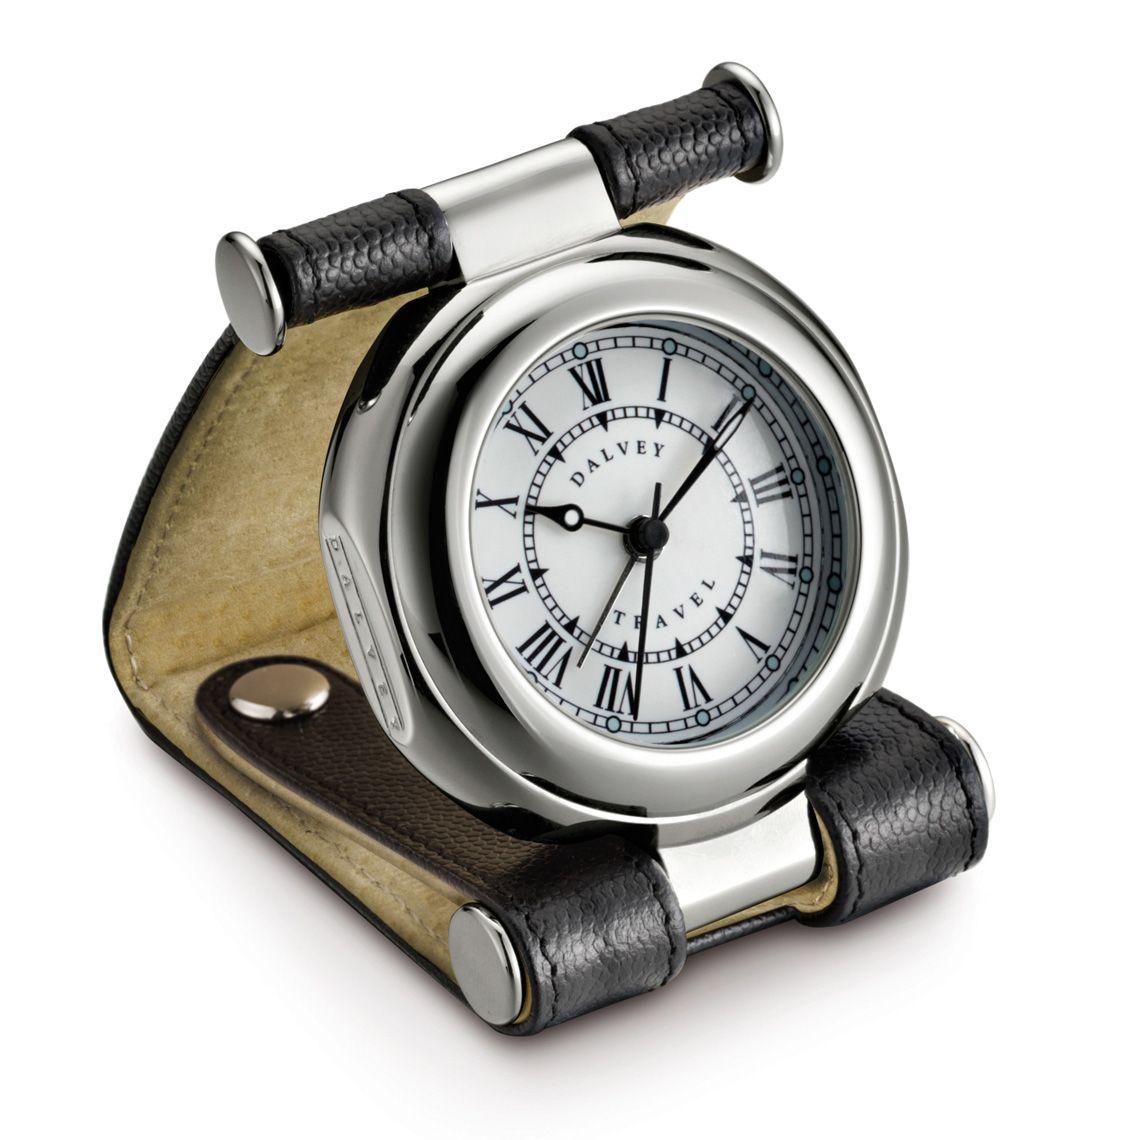 Часы дорожные Dalvey Travel SP в черной коже с двумя кнопками